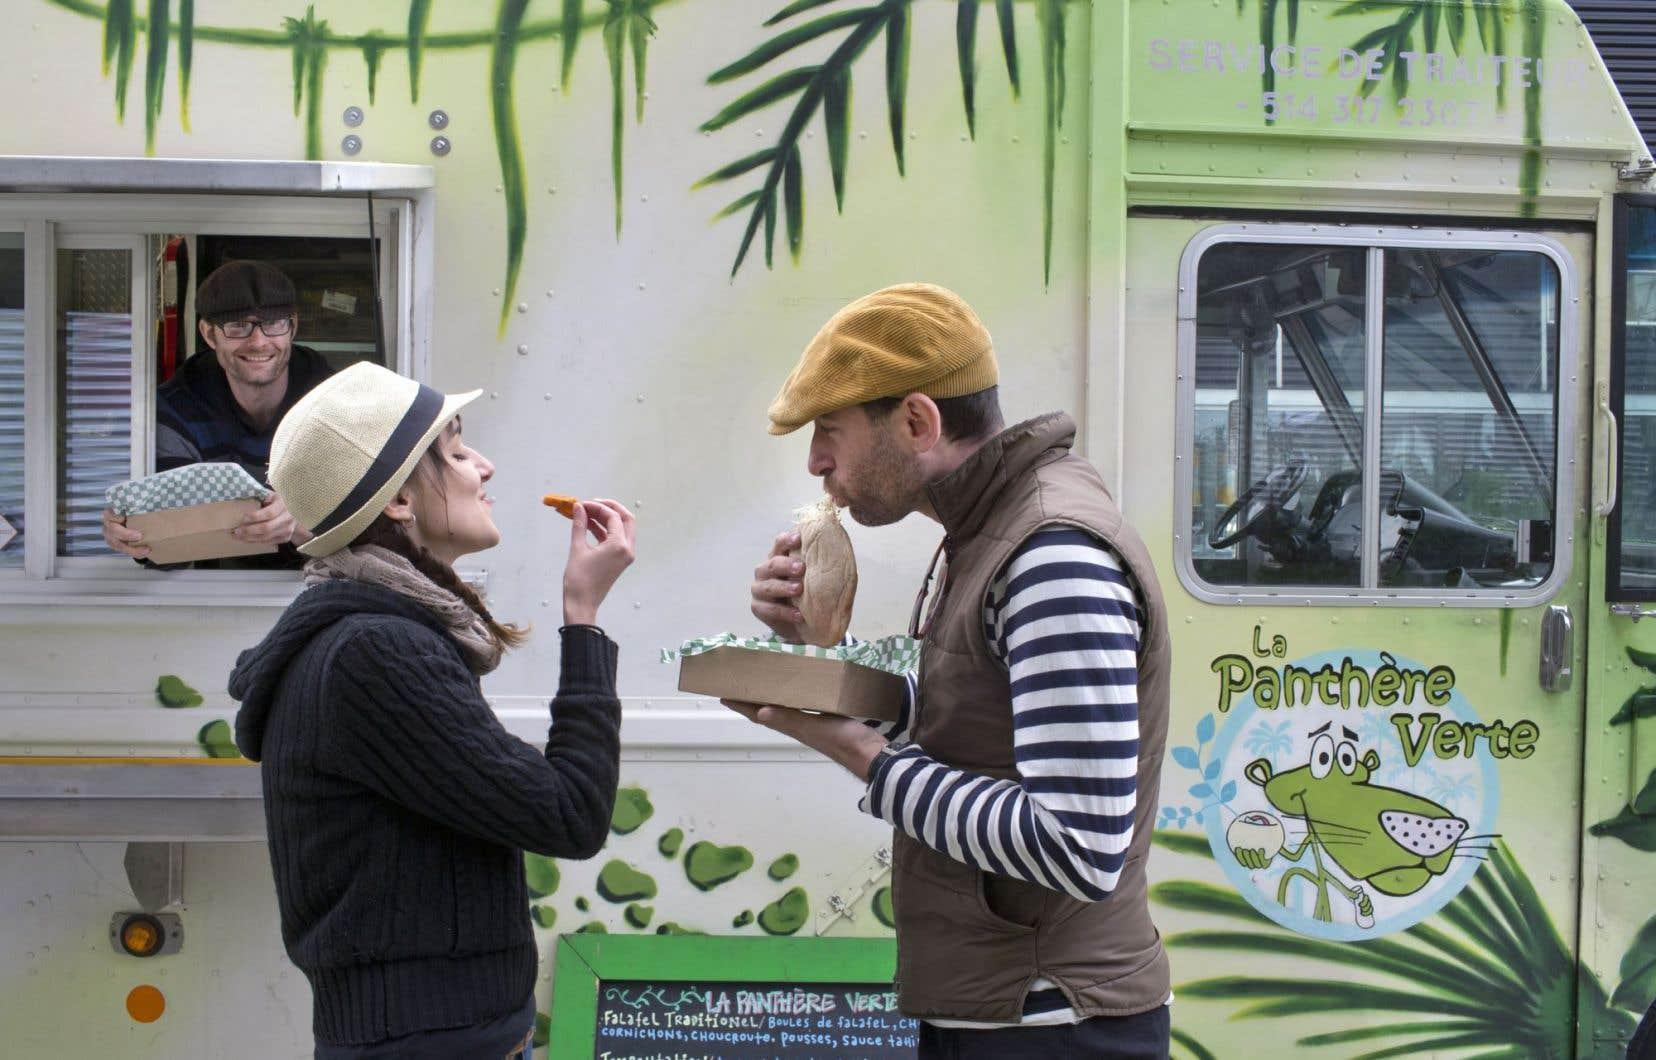 Les meilleurs sandwichs aux falafels en ville logent à la Panthère verte. Ici, devant leur camion de rue : ils sont jeunes, ils sont fous, ils sont végés et veulent changer le monde dans le plaisir plutôt que le dolorisme.